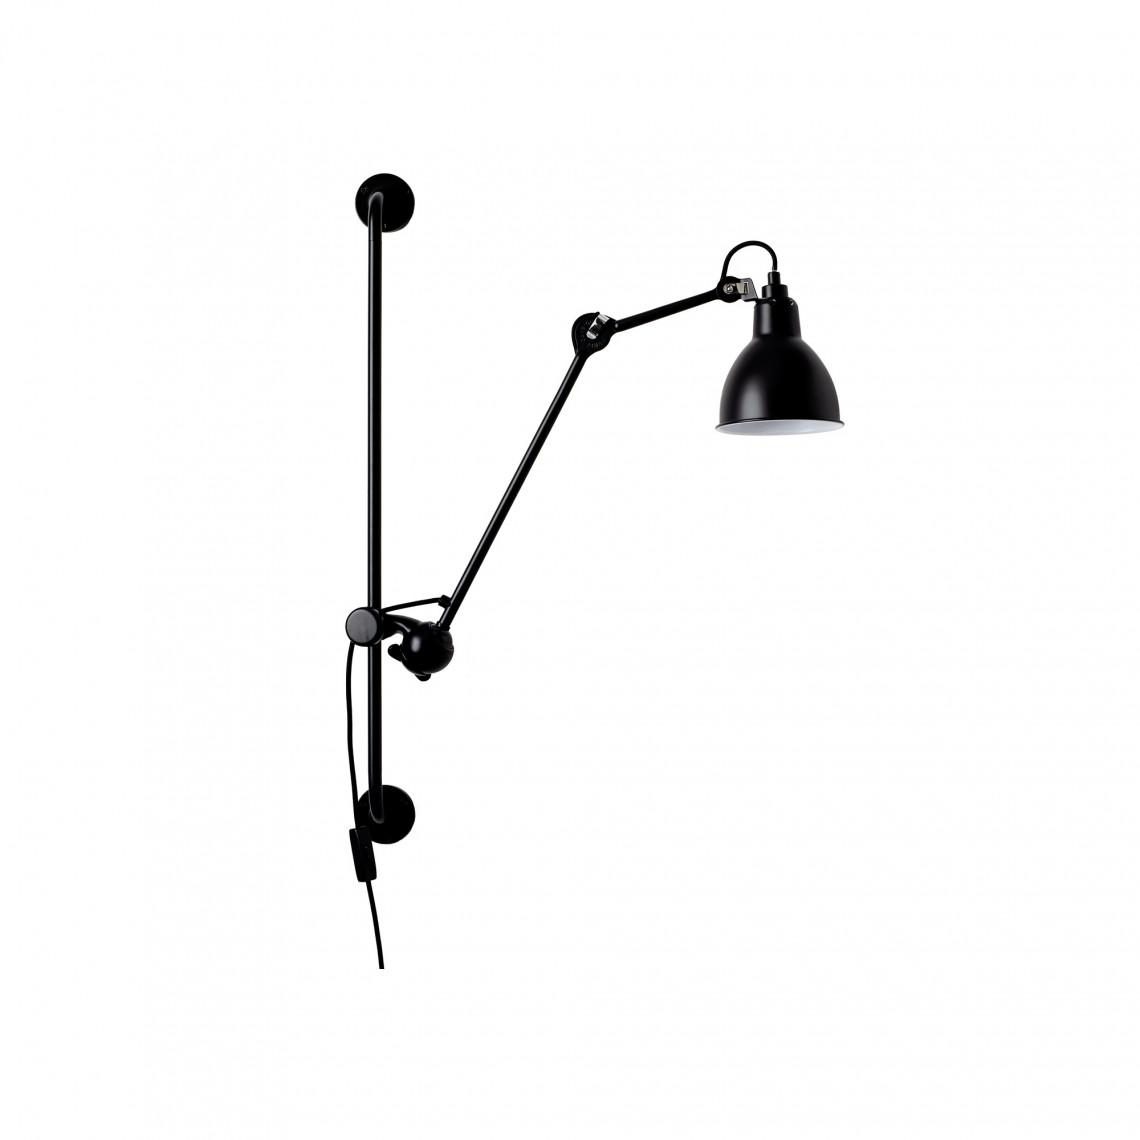 Lampe Gras No210 - Round Svart